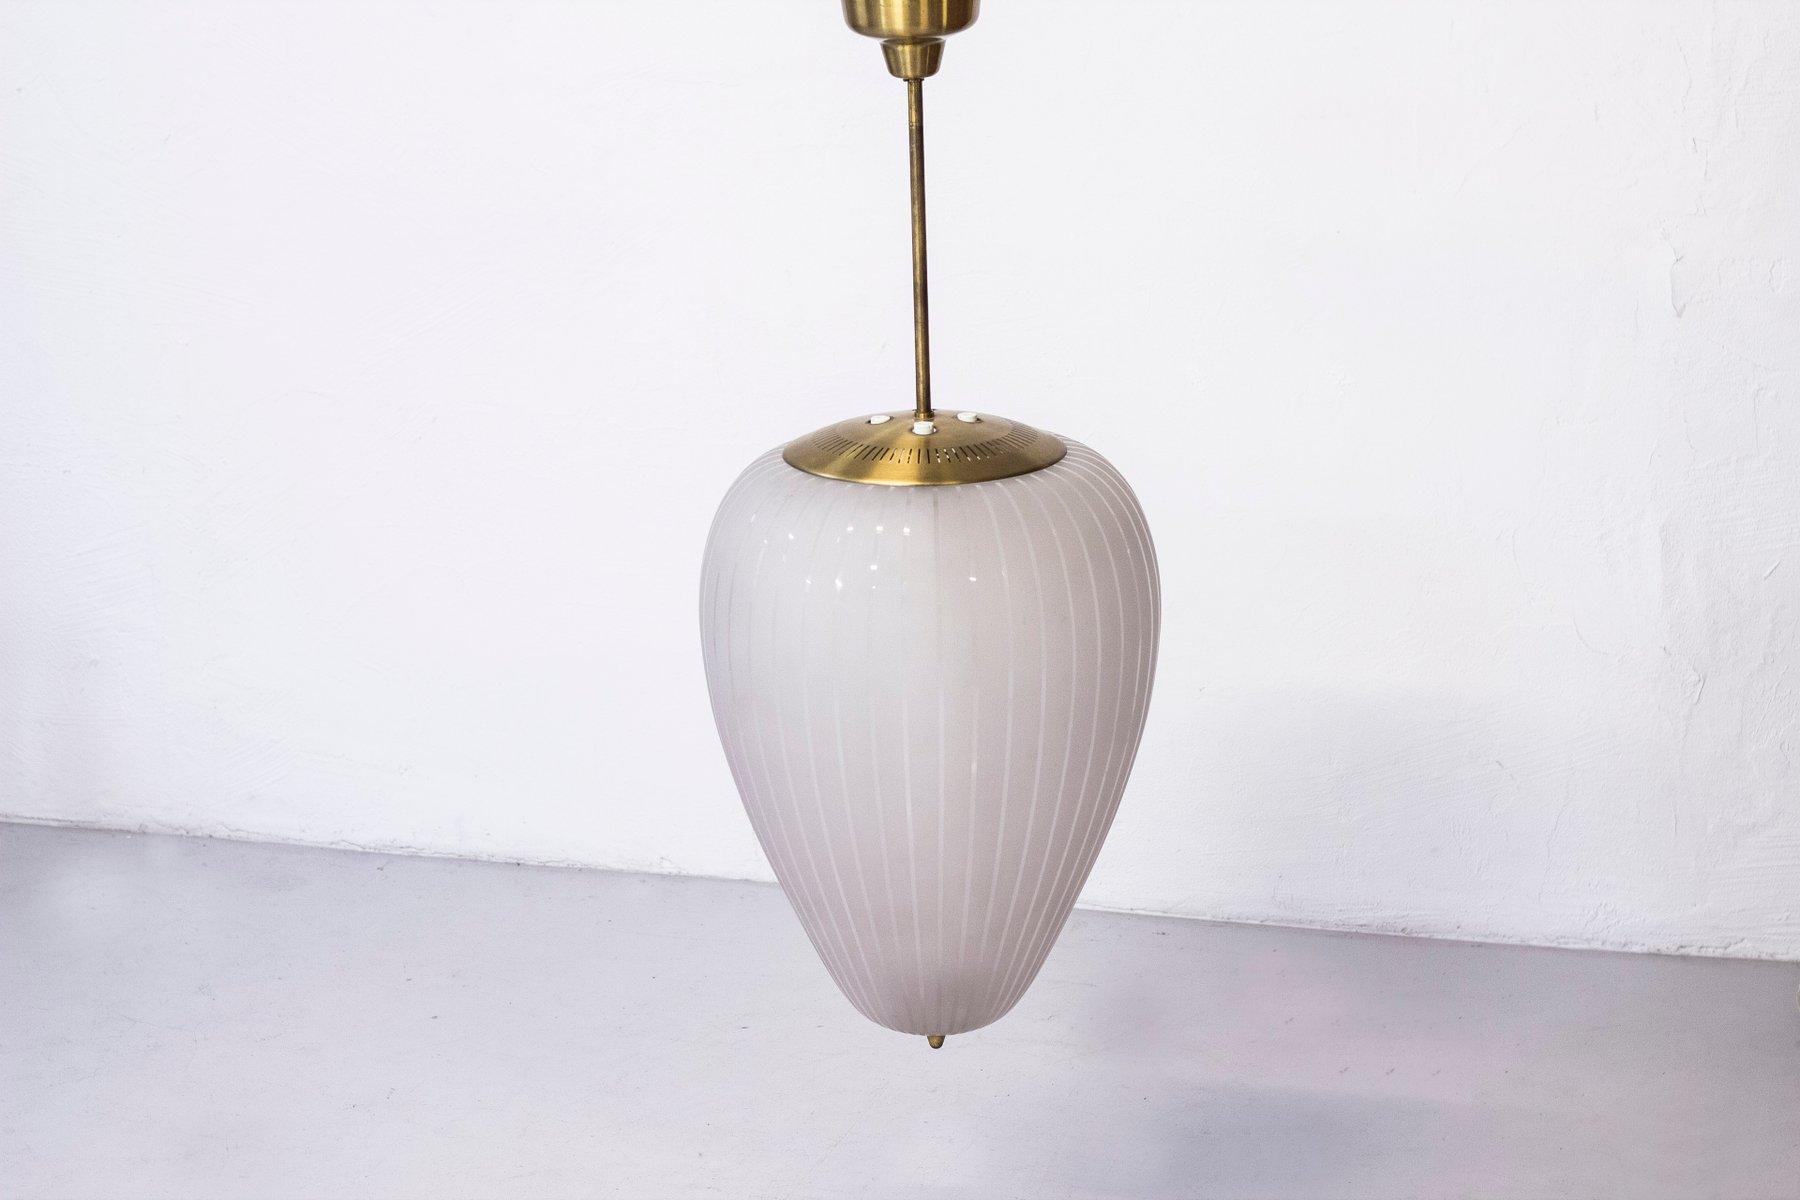 schwedische moderne deckenlampen von hans bergstr m f r asea 2er set bei pamono kaufen. Black Bedroom Furniture Sets. Home Design Ideas